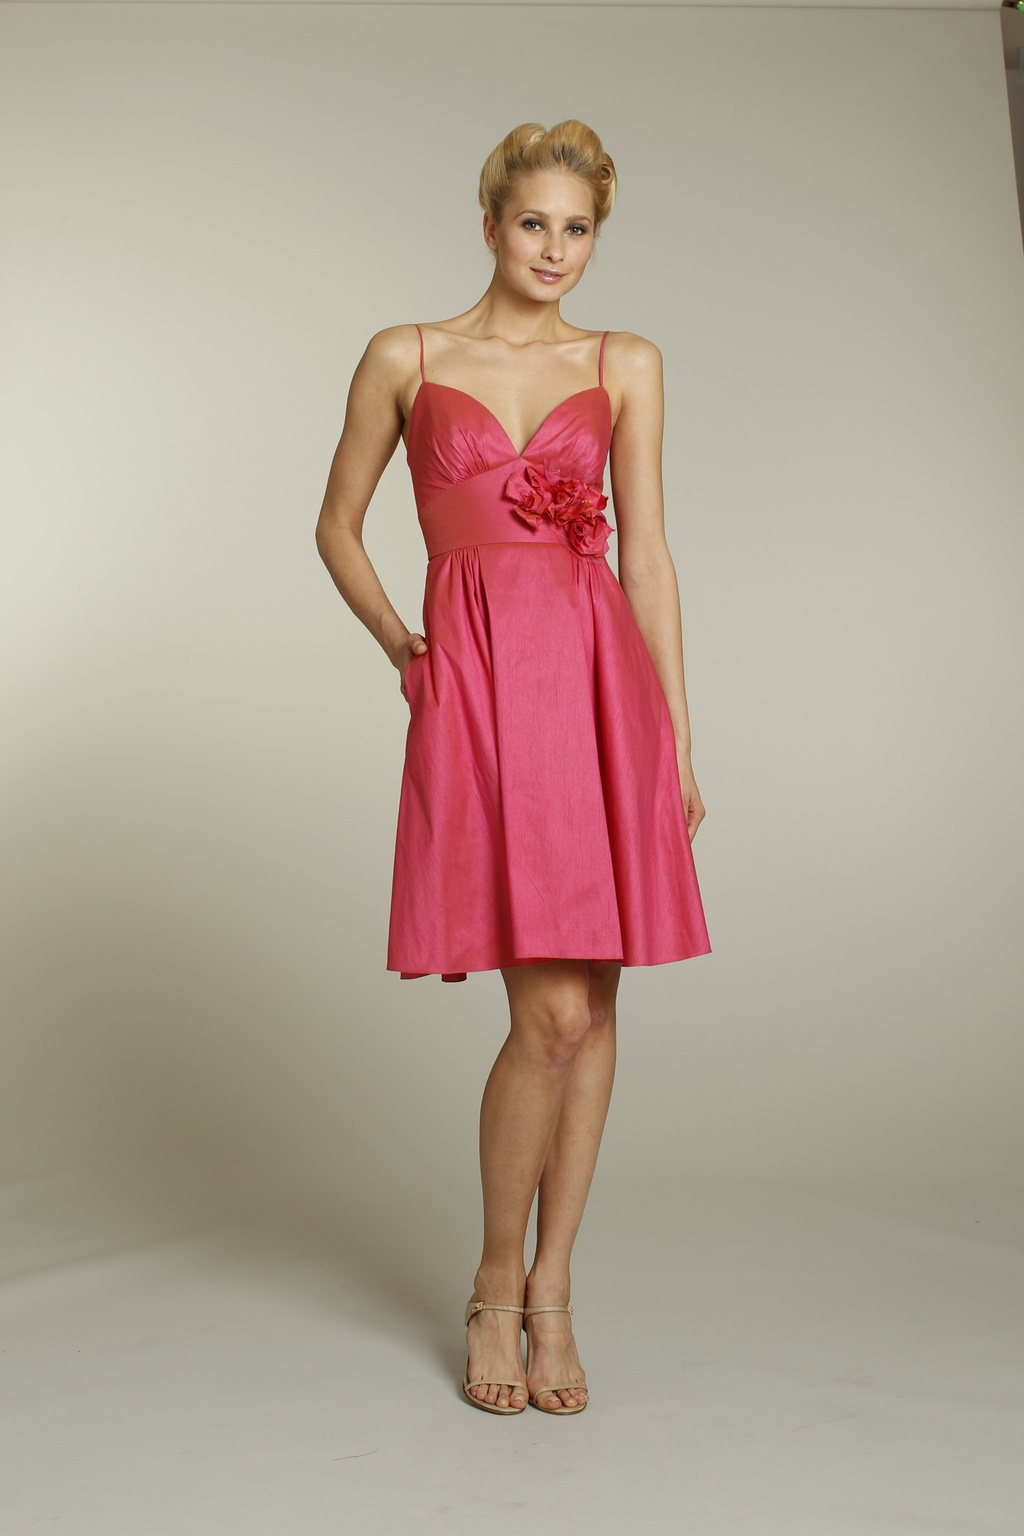 Pink Summer Bridesmaid Dress